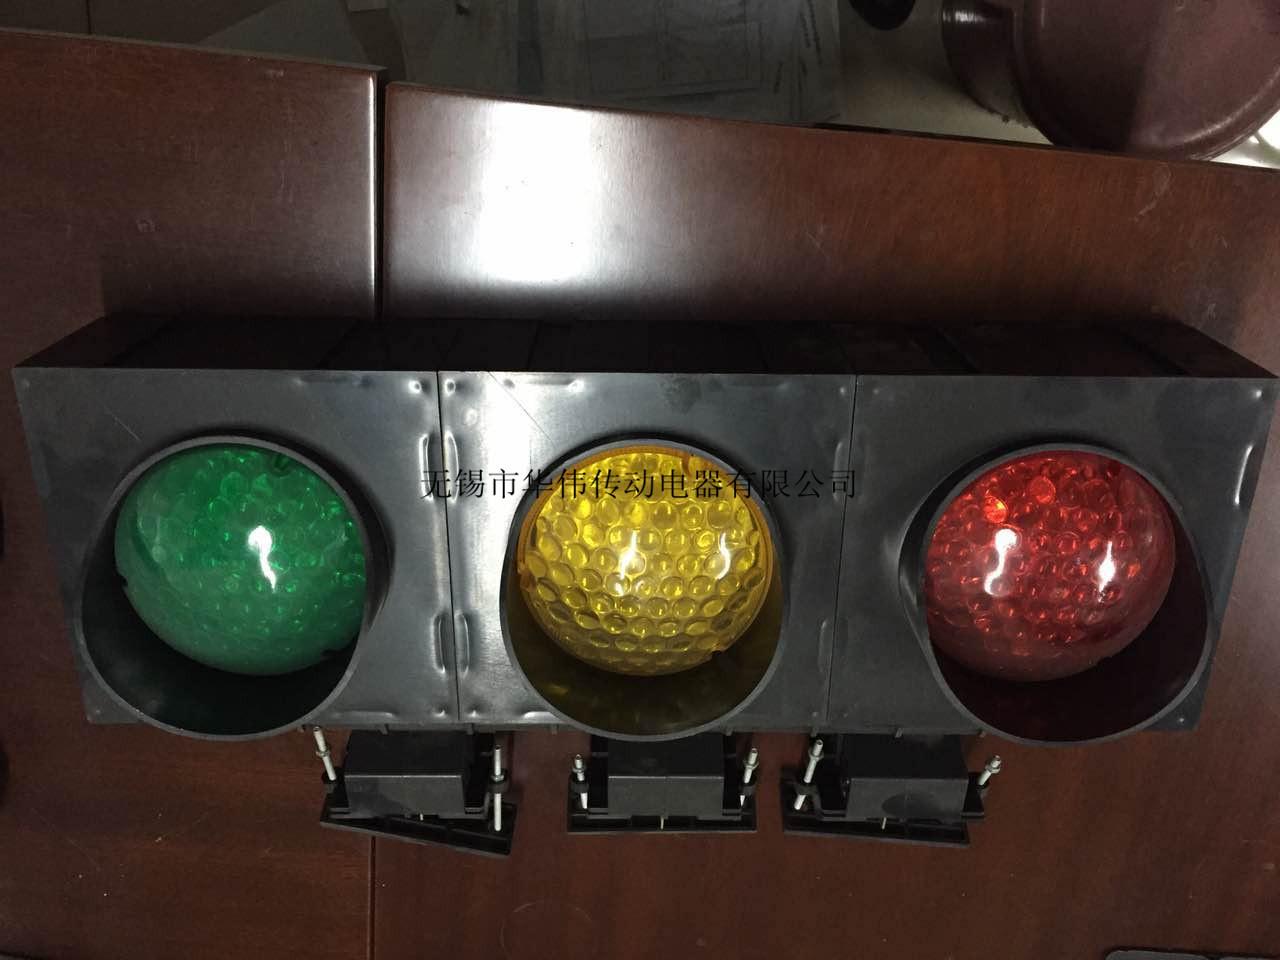 无锡滑触线指示灯厂家